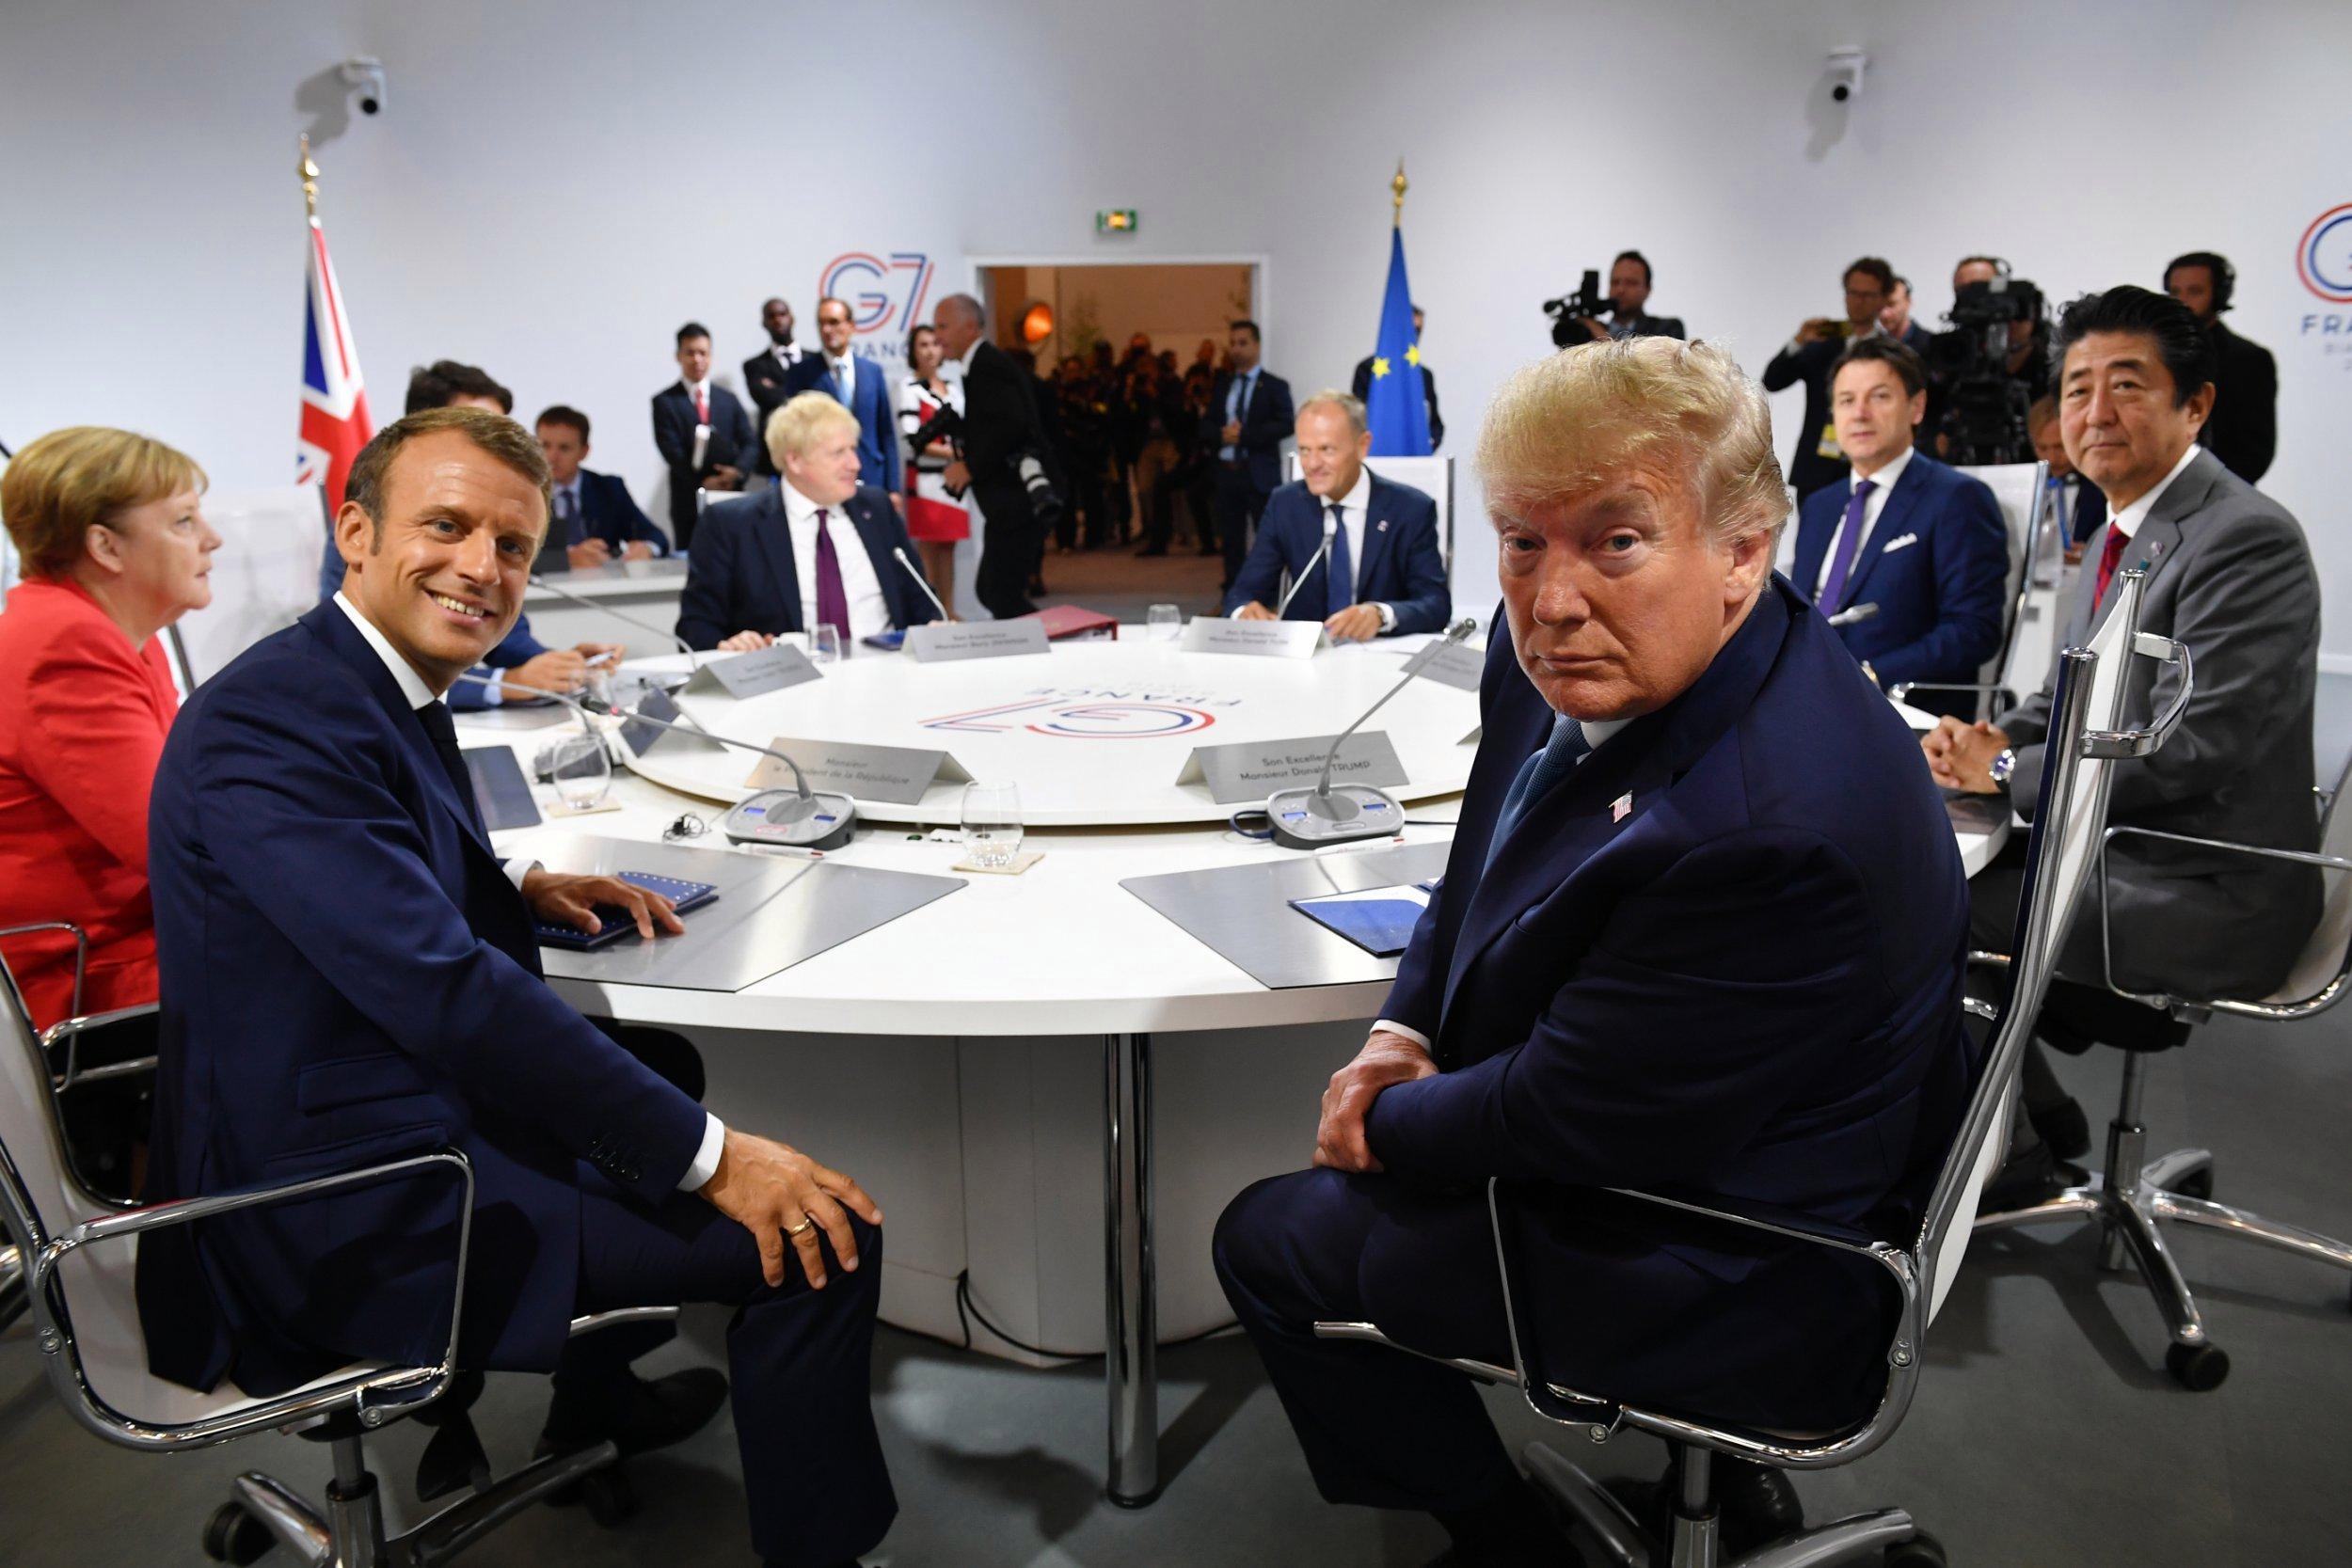 На западе спорят по поводу того, стоит ли Москве возвращаться в G7